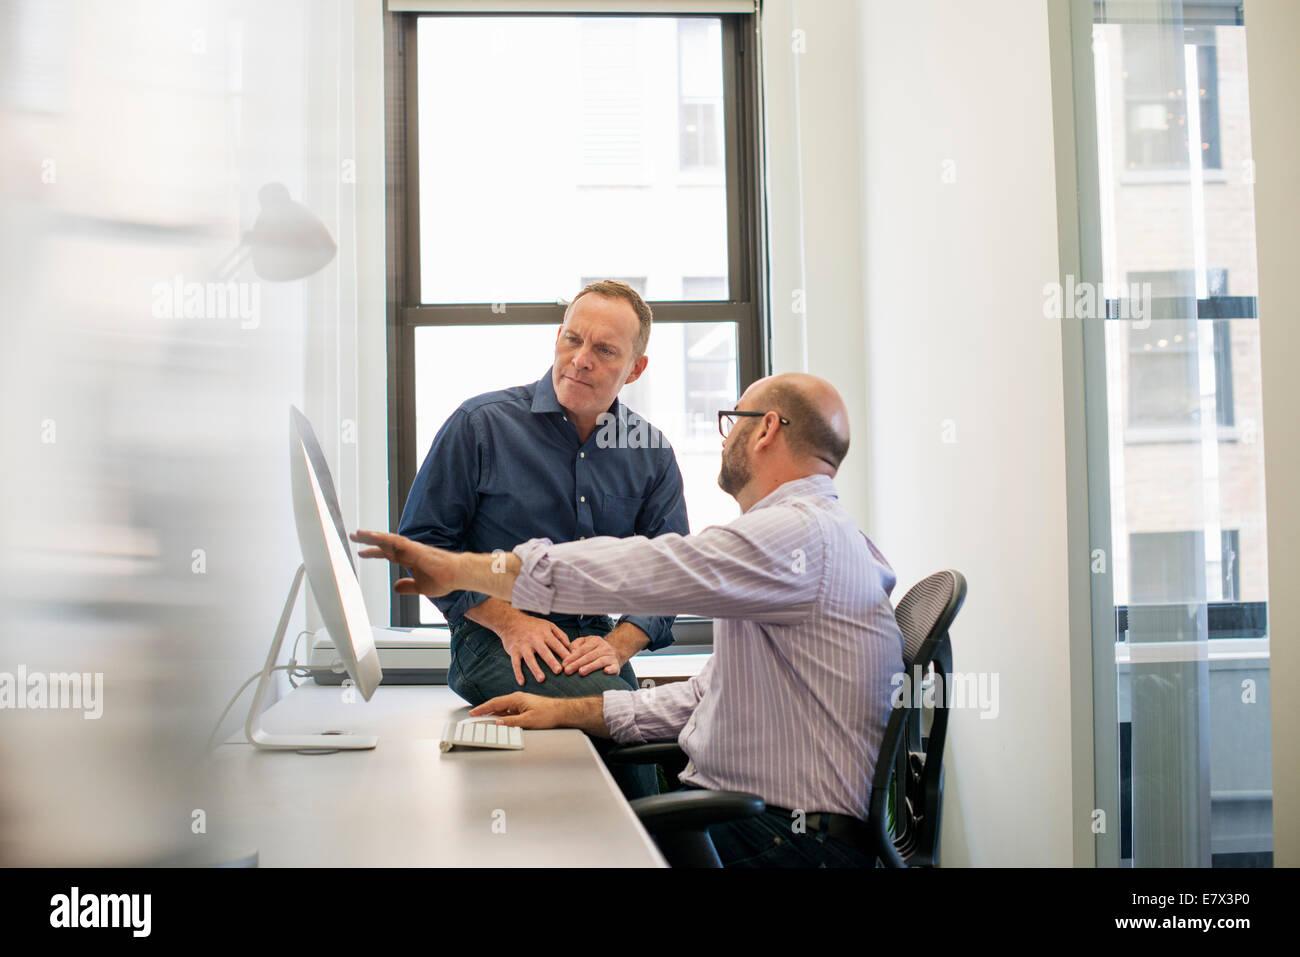 Dos compañeros de trabajo en una oficina hablando y refiriéndose a una pantalla de ordenador. Imagen De Stock